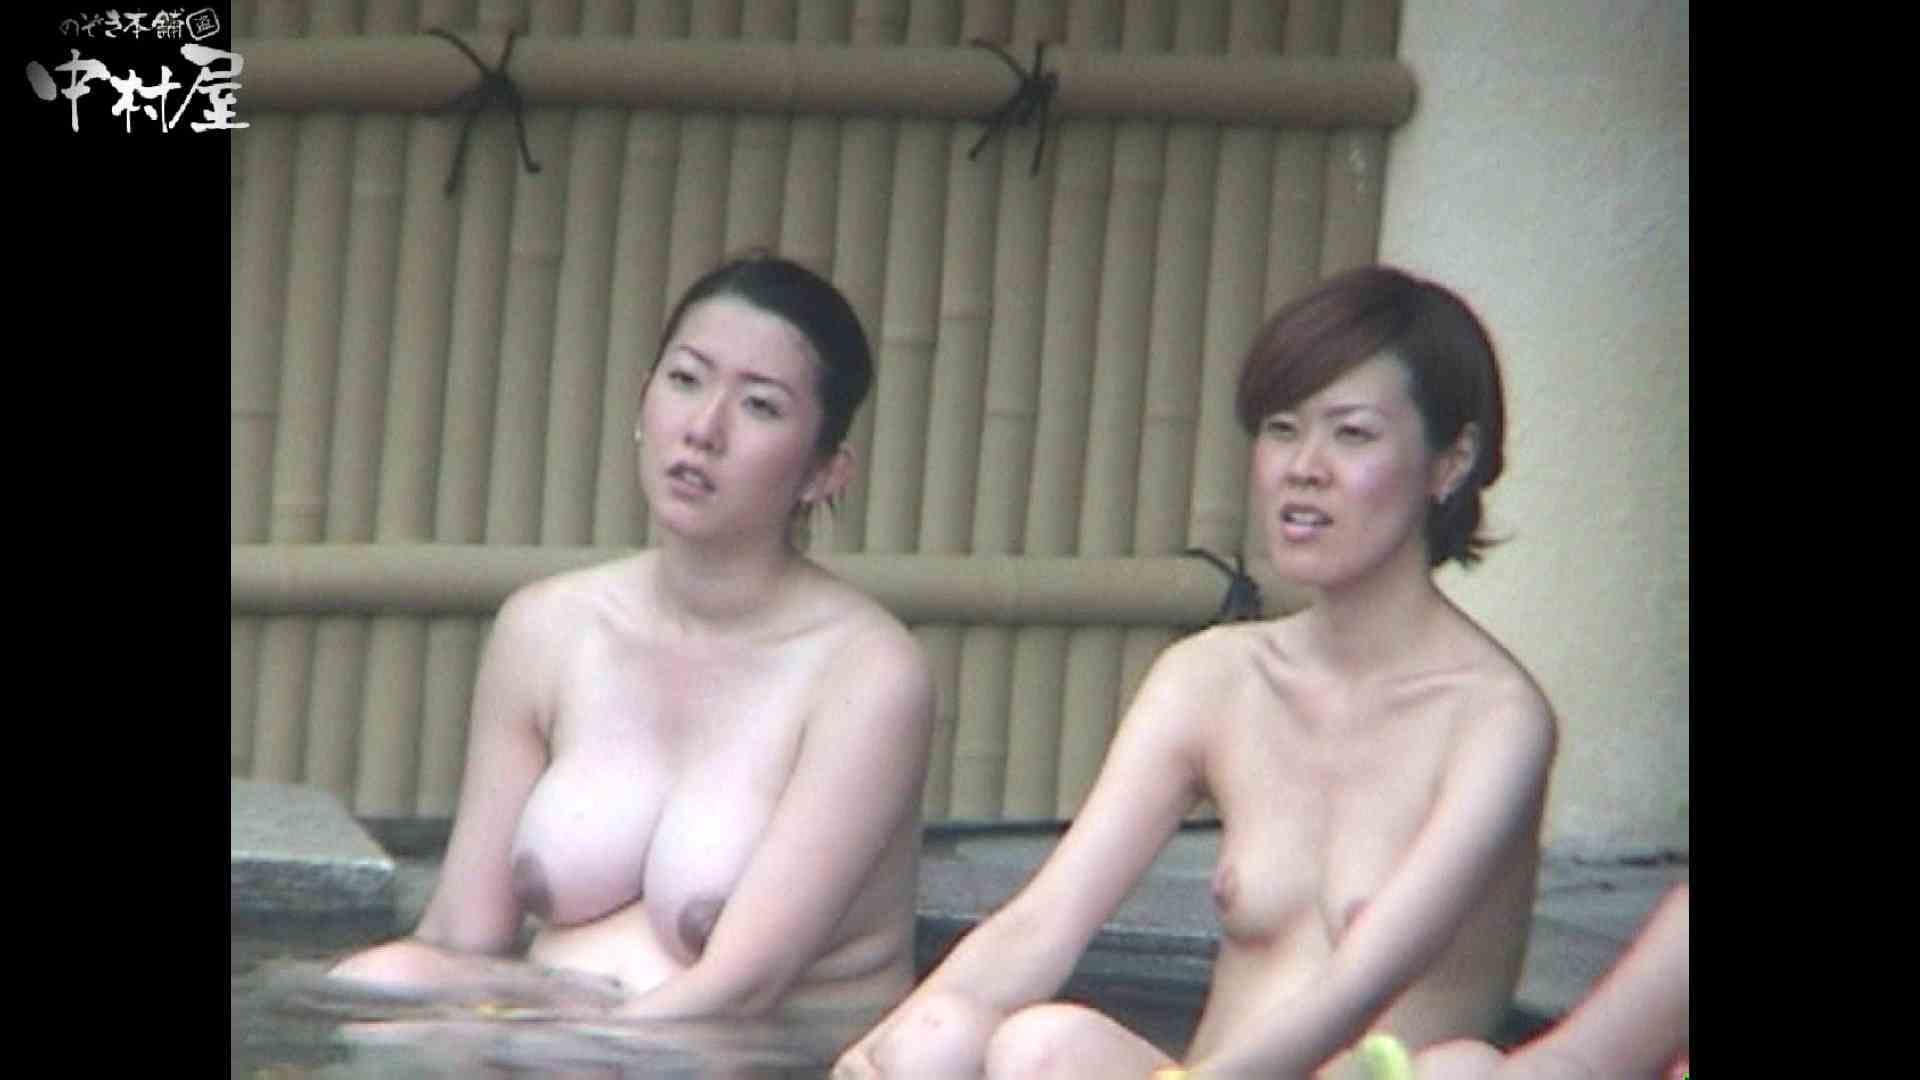 Aquaな露天風呂Vol.961 OL女体   女体盗撮  65連発 16